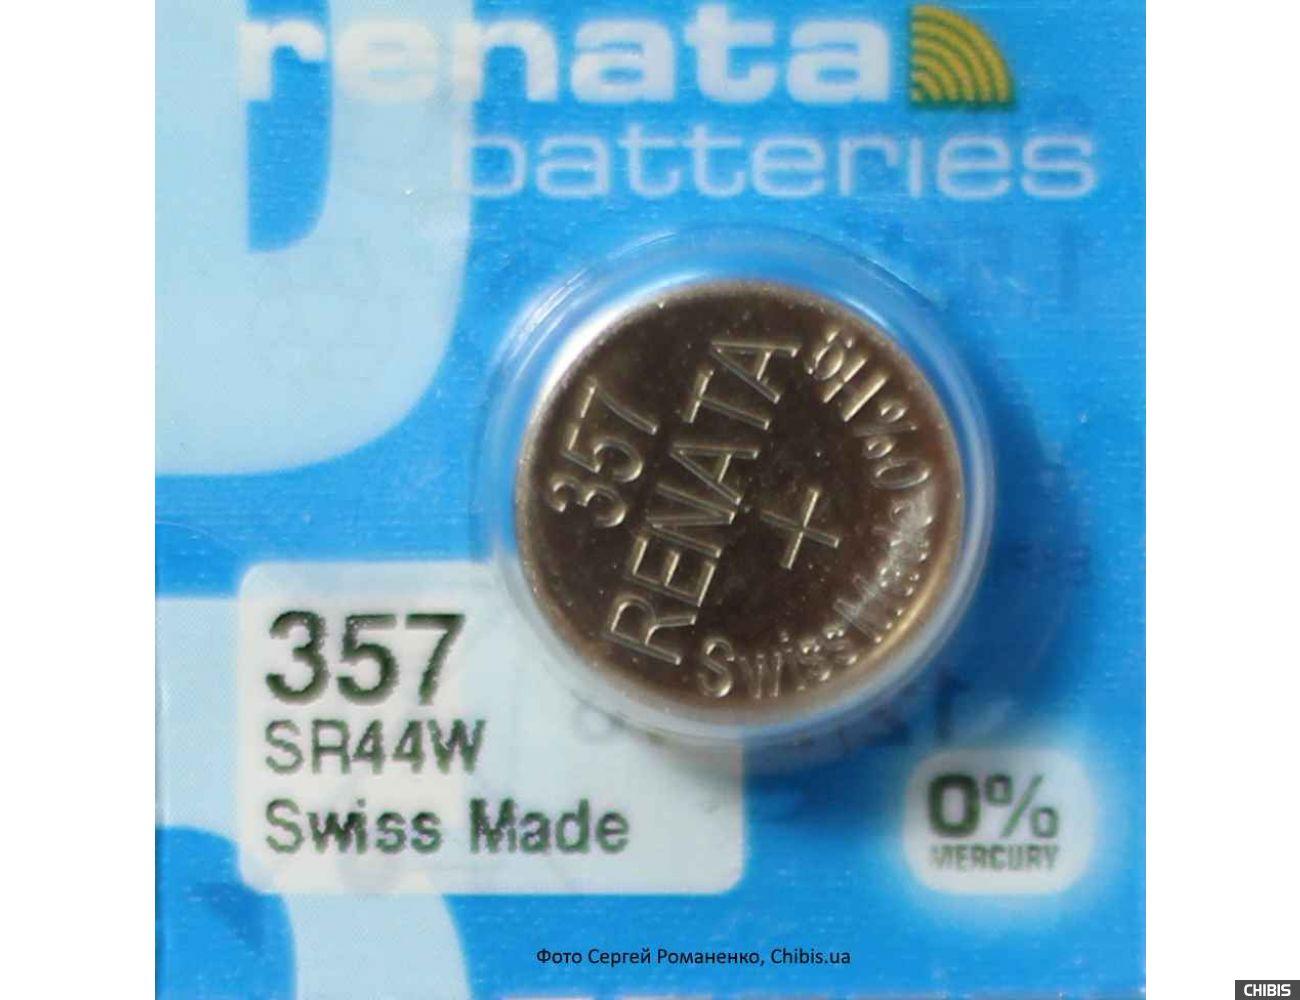 Батарейка для часов Renata SR44W (357) 1.55V Silver 1 Шт